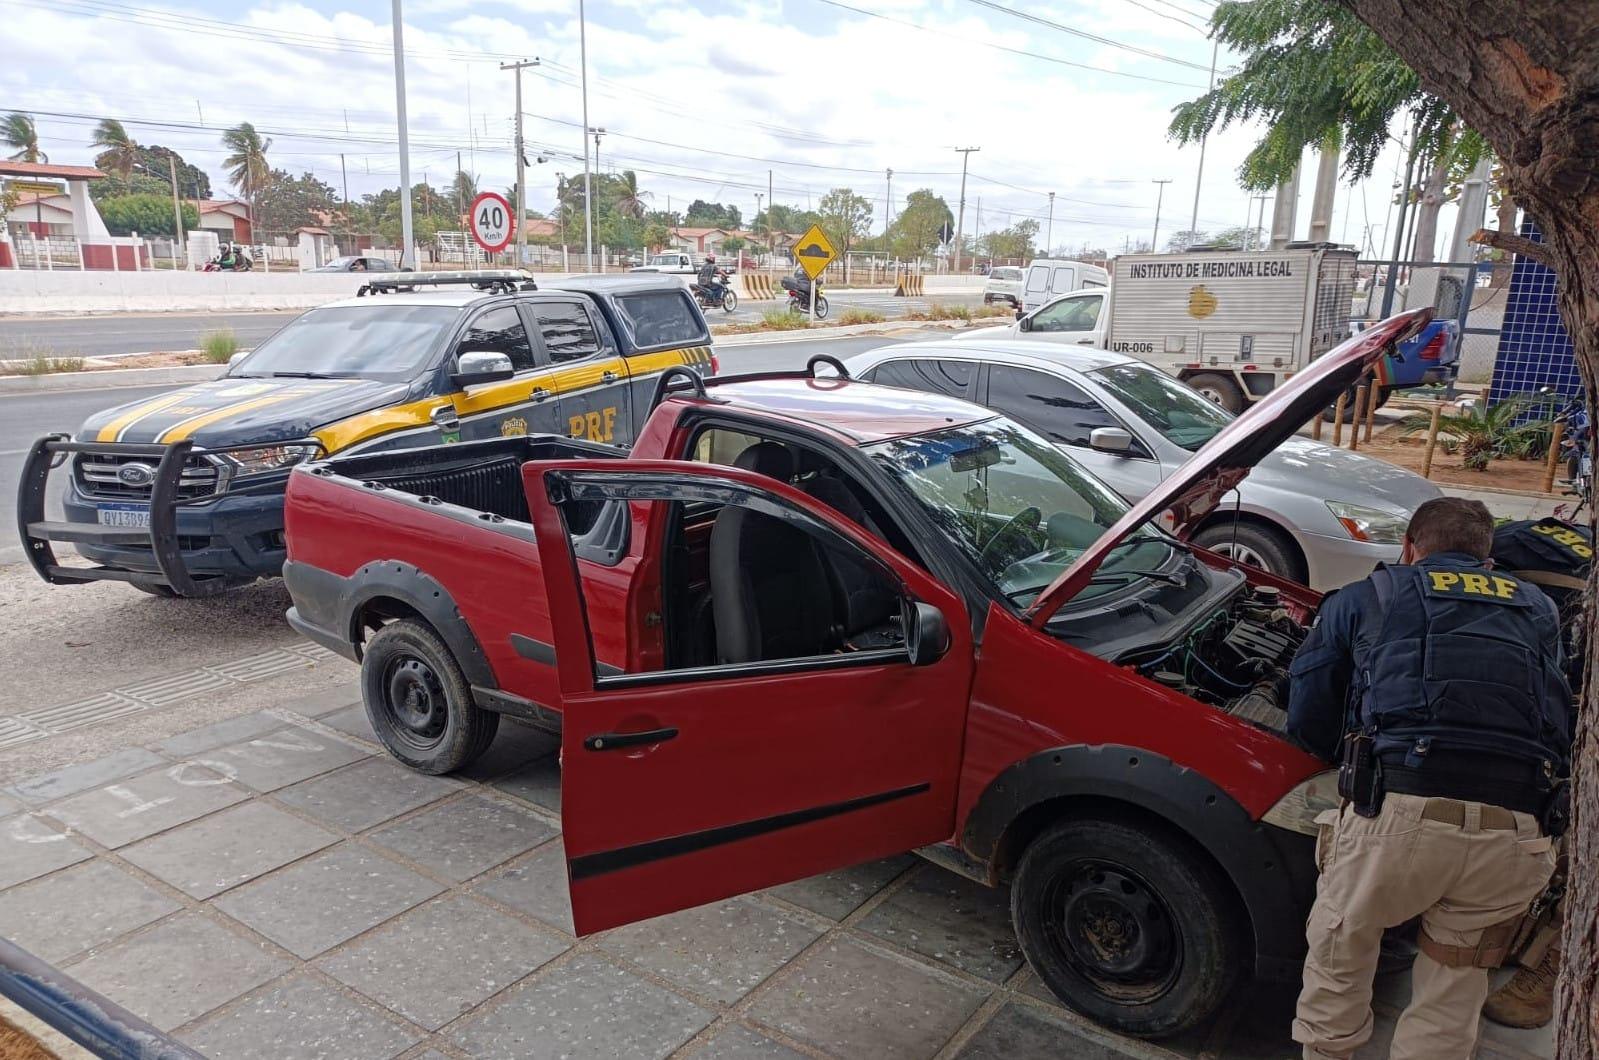 Veículo não possuía seguro e proprietário ficou emocionado ao receber a notícia. (PRF/Divulgação)